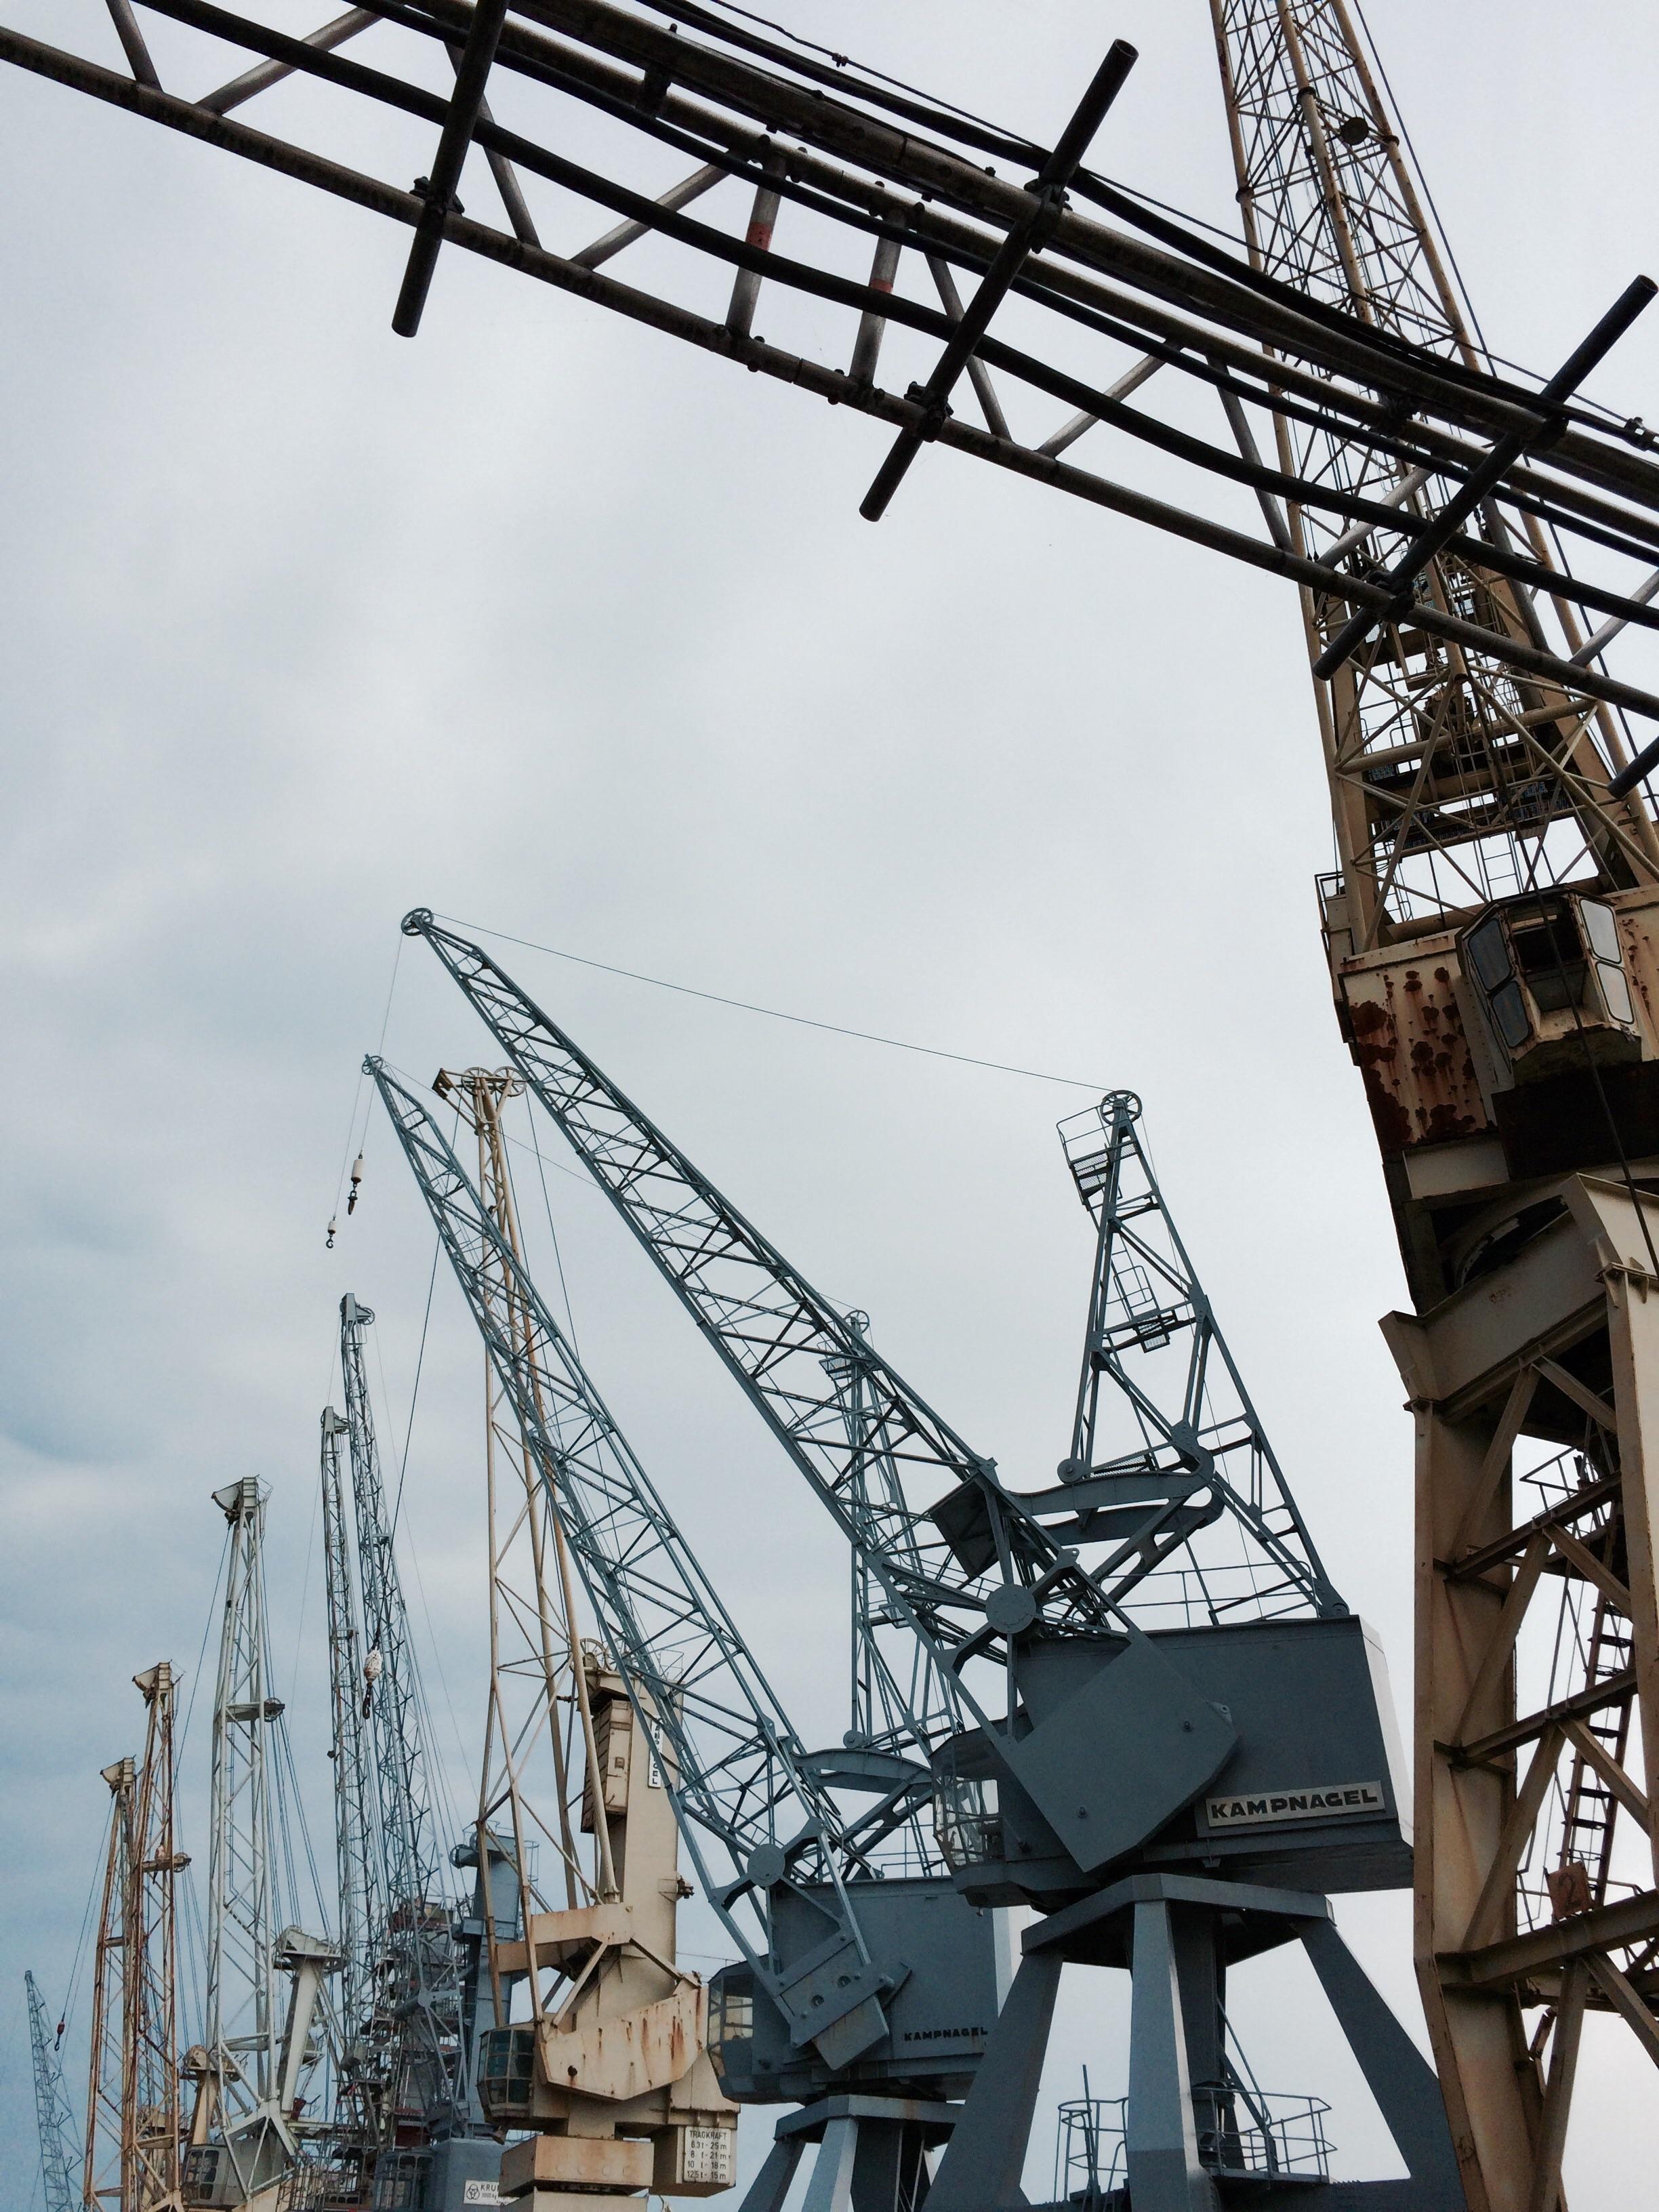 Historic cranes